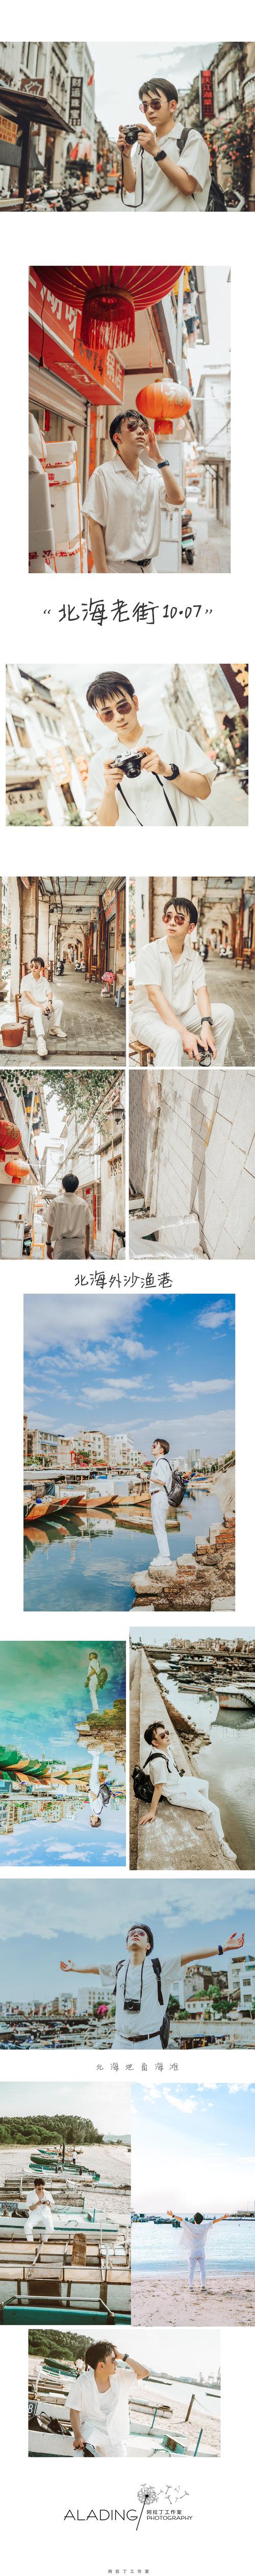 武汉来的记者来北海旅拍 然后从...